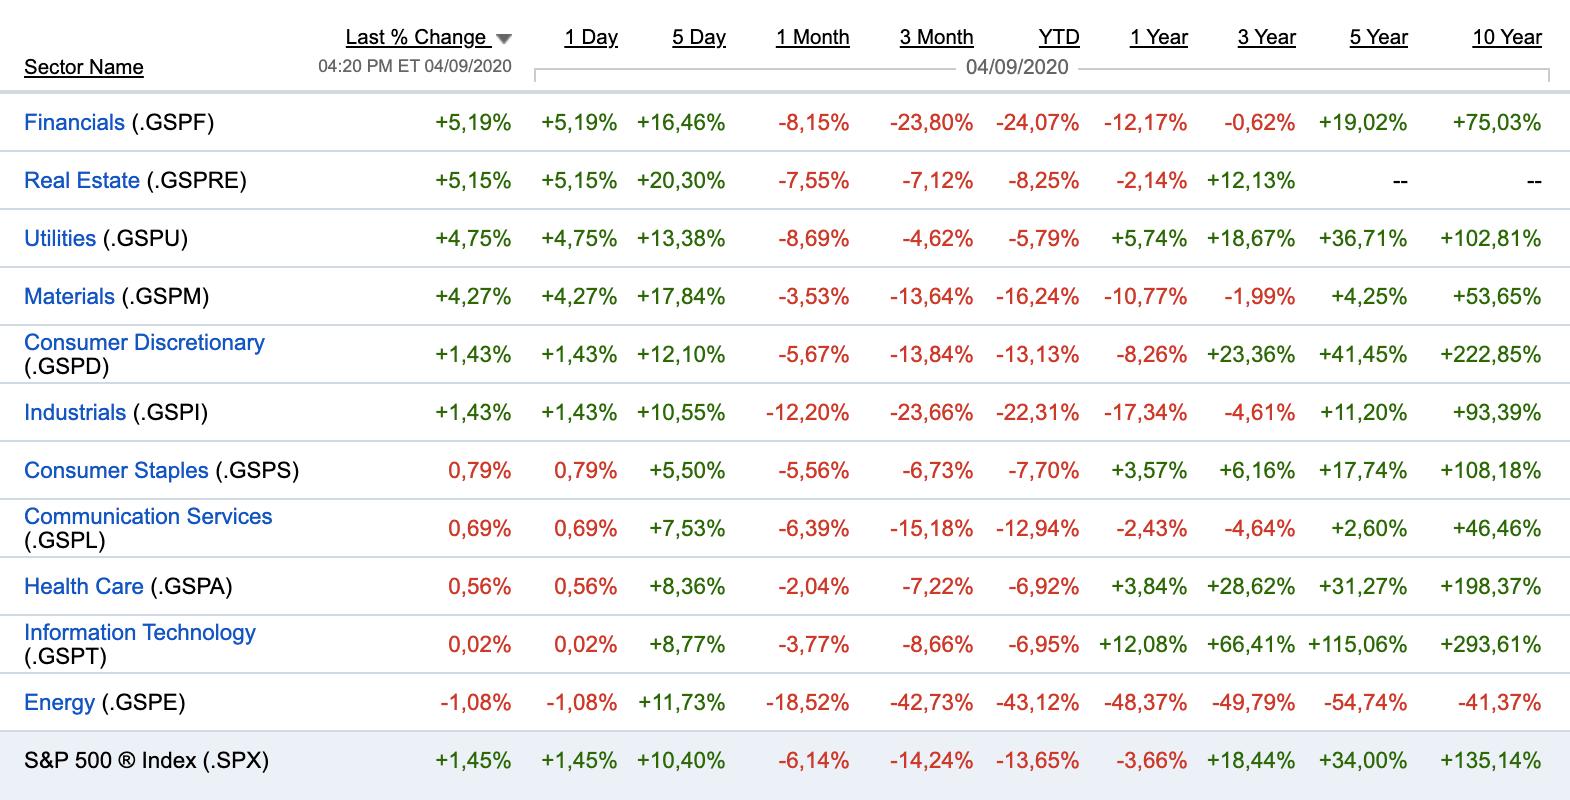 Показатели секторов за разные временные периоды с учетом произошедшего обвала